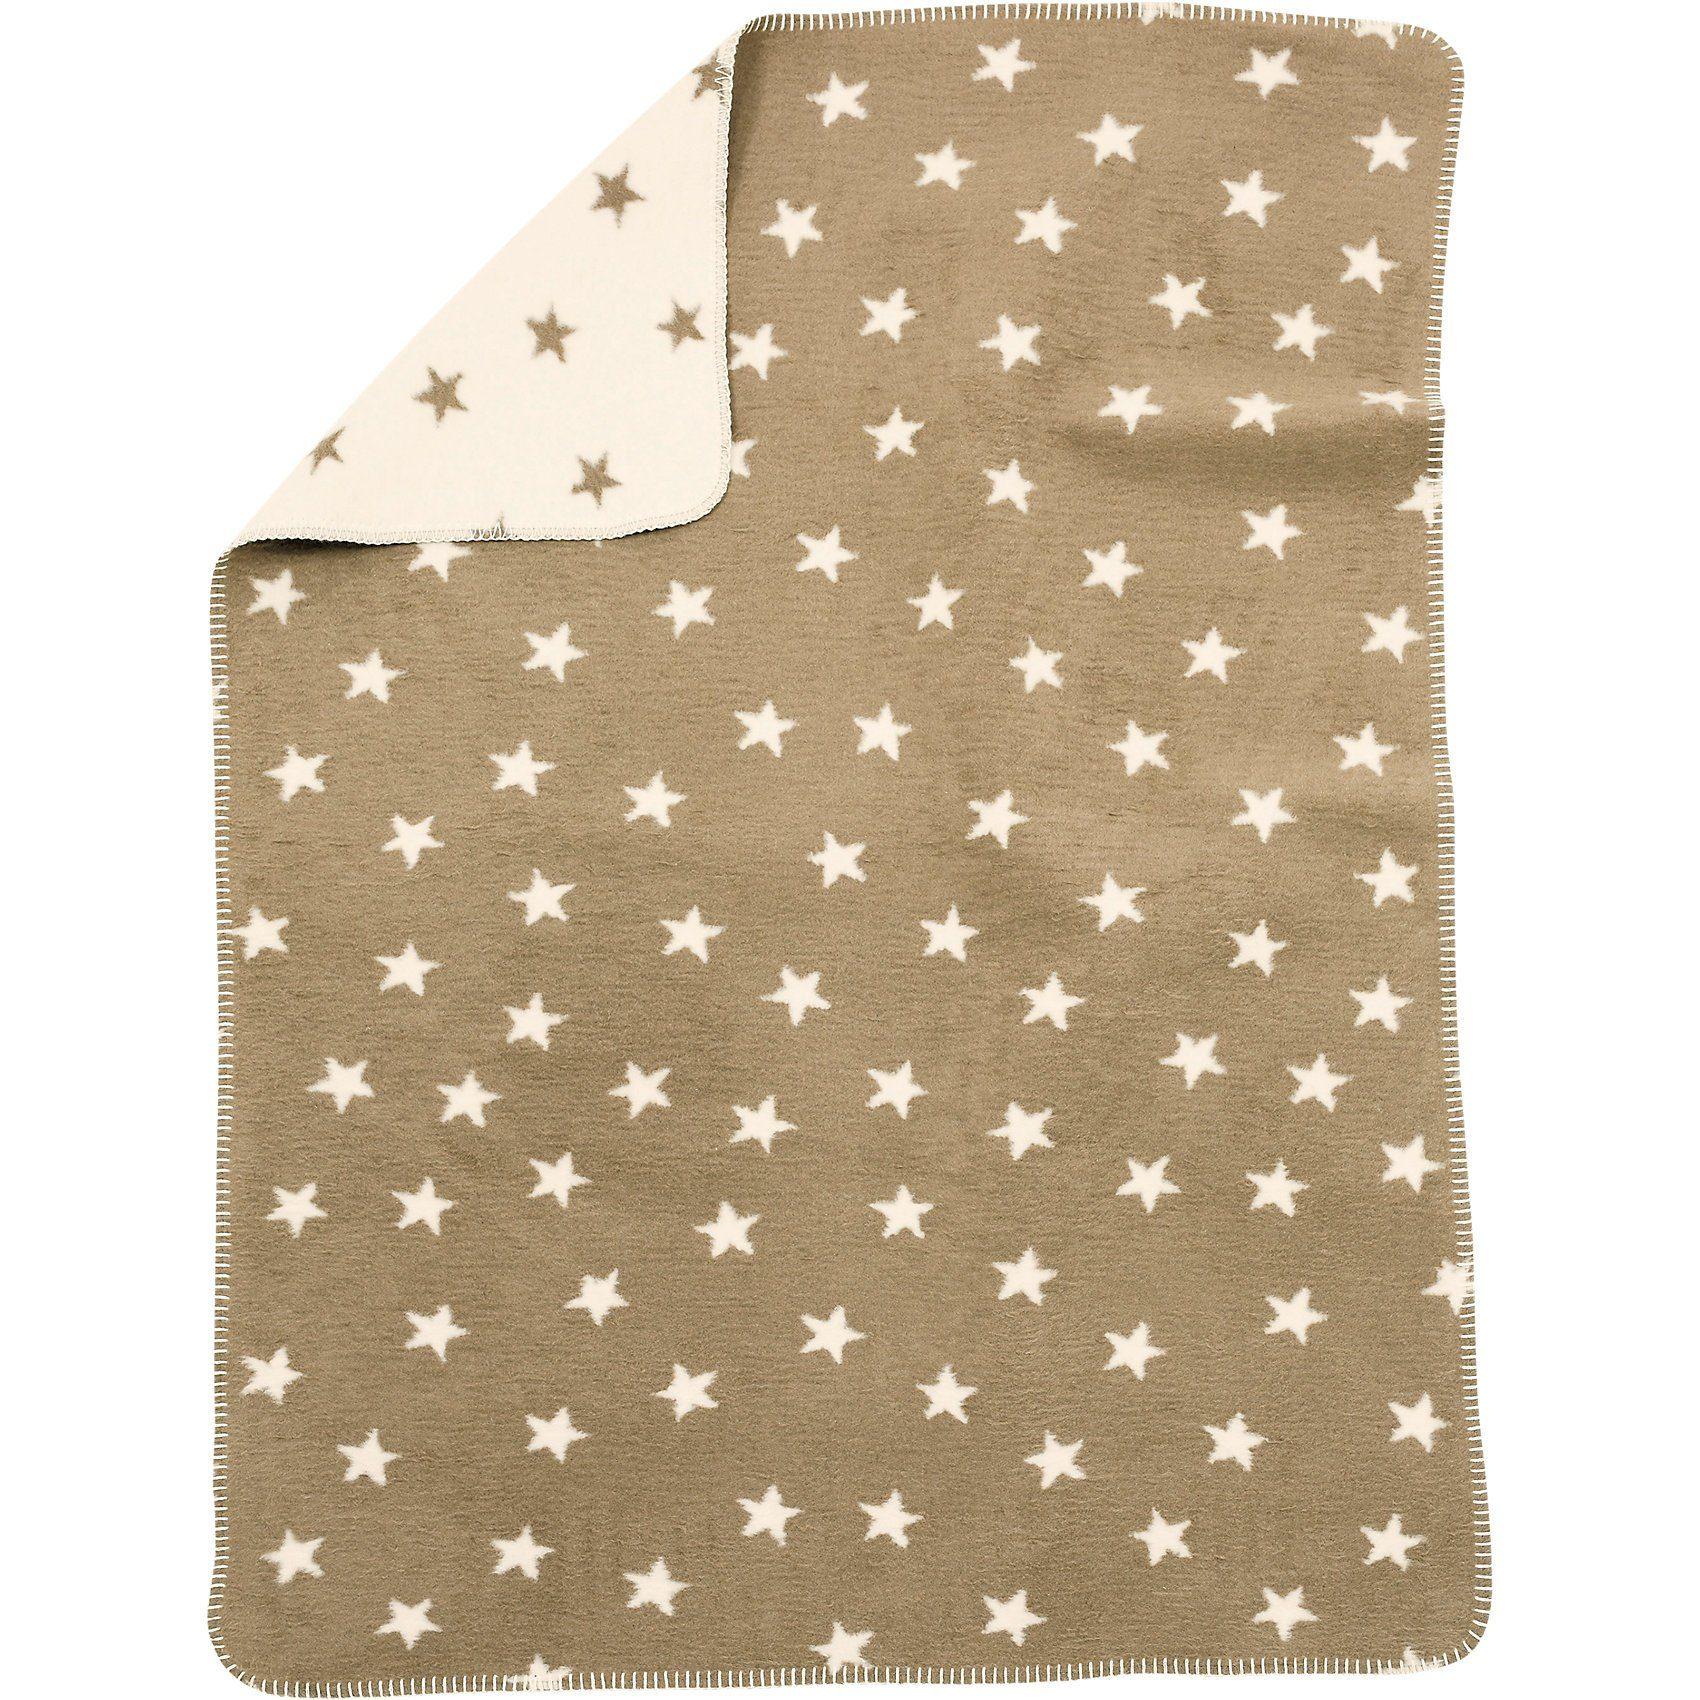 Alvi Babydecke mit UV-Schutz, Baumwolle, Sterne beige, 75 x 100 c